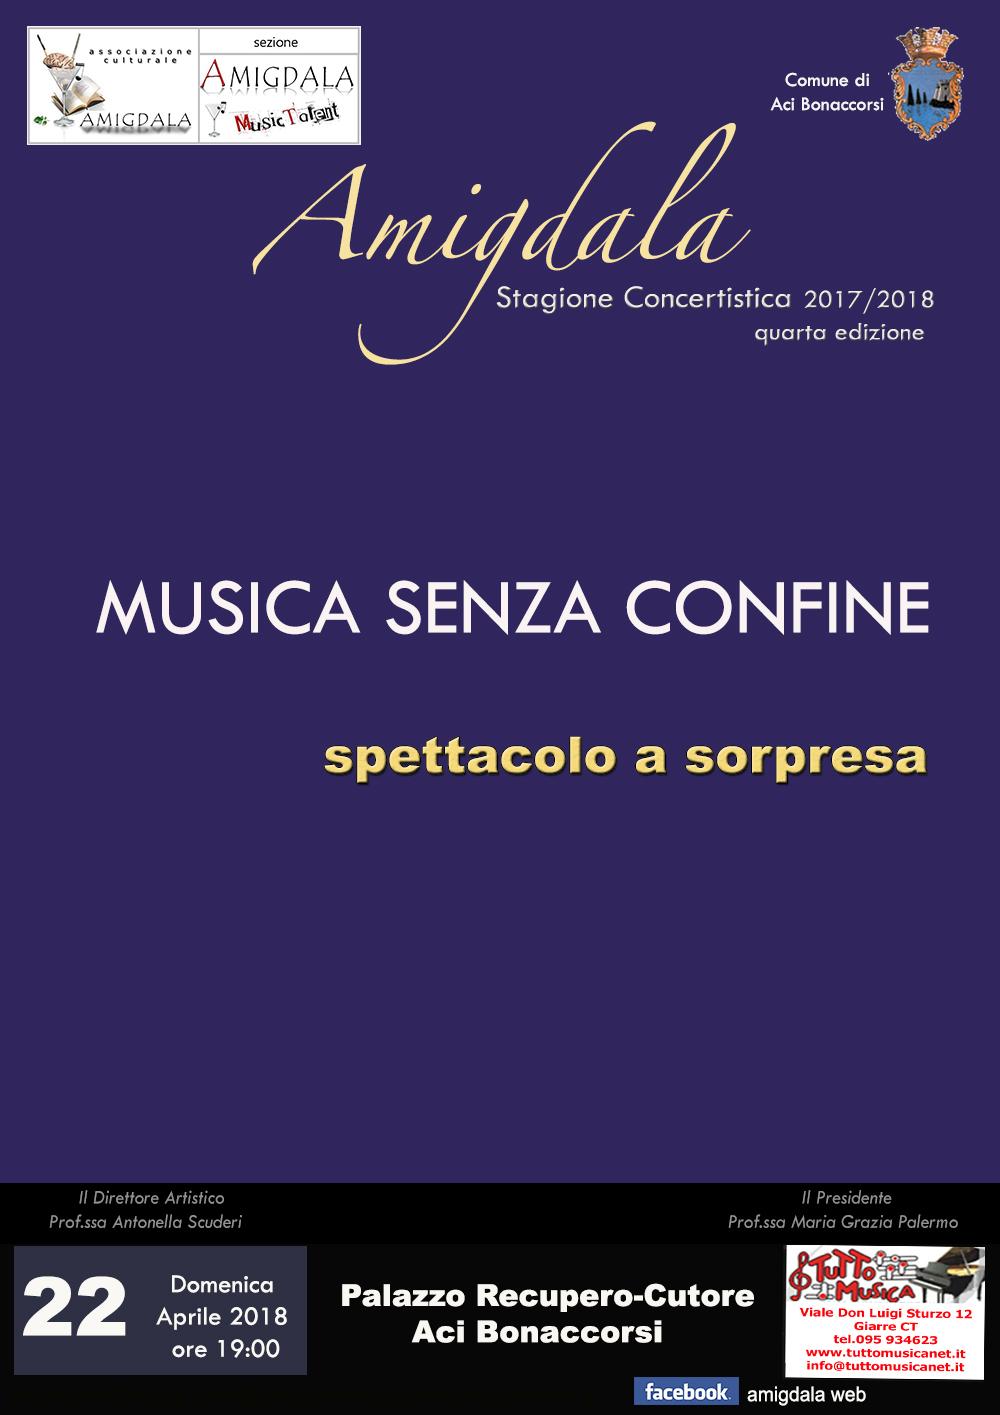 Amigdala: Musica Senza Confine